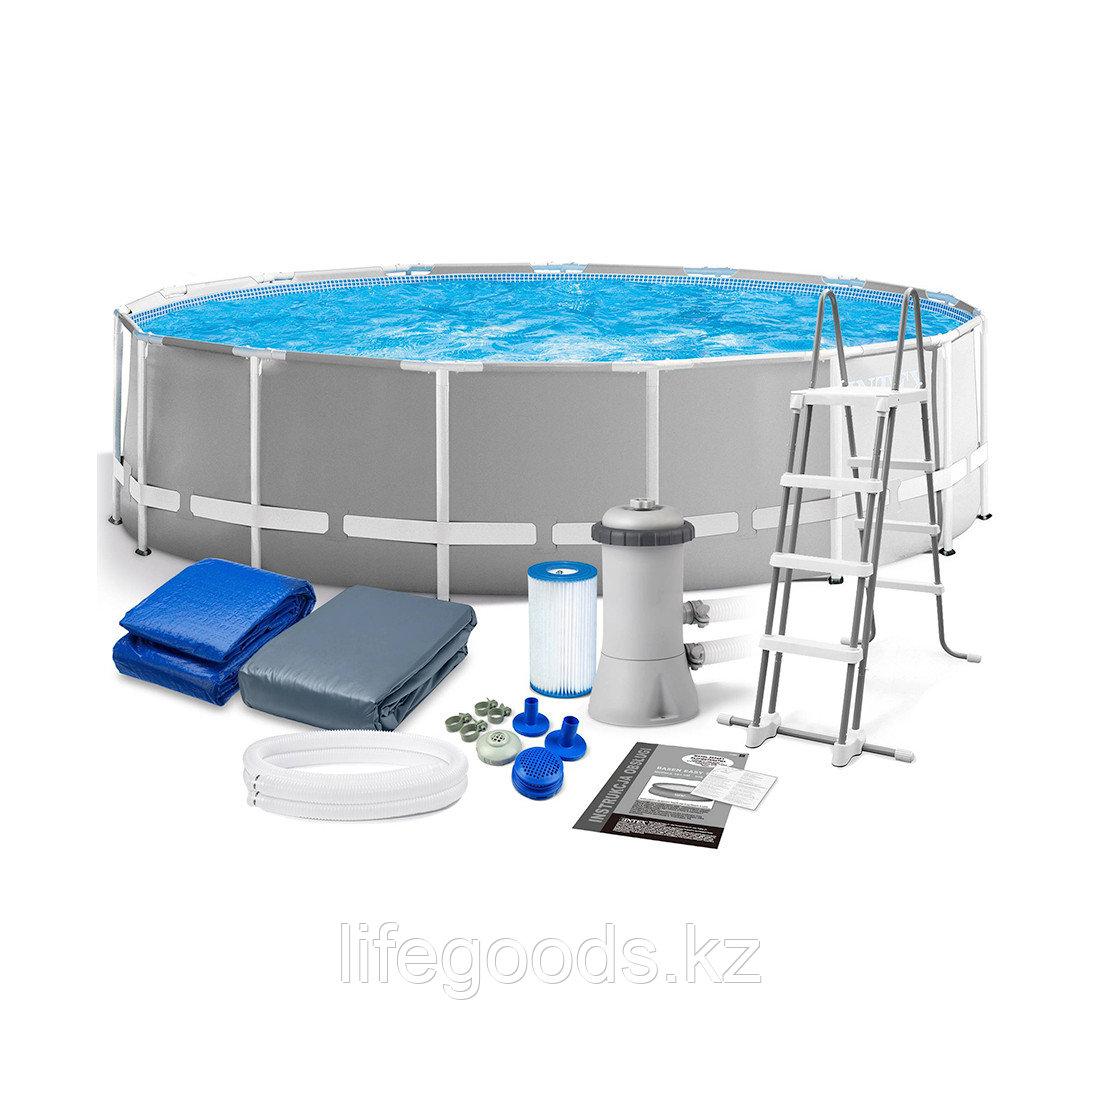 Каркасный бассейн Prism Frame 457х122 см, полный комплект, Intex 26726NP